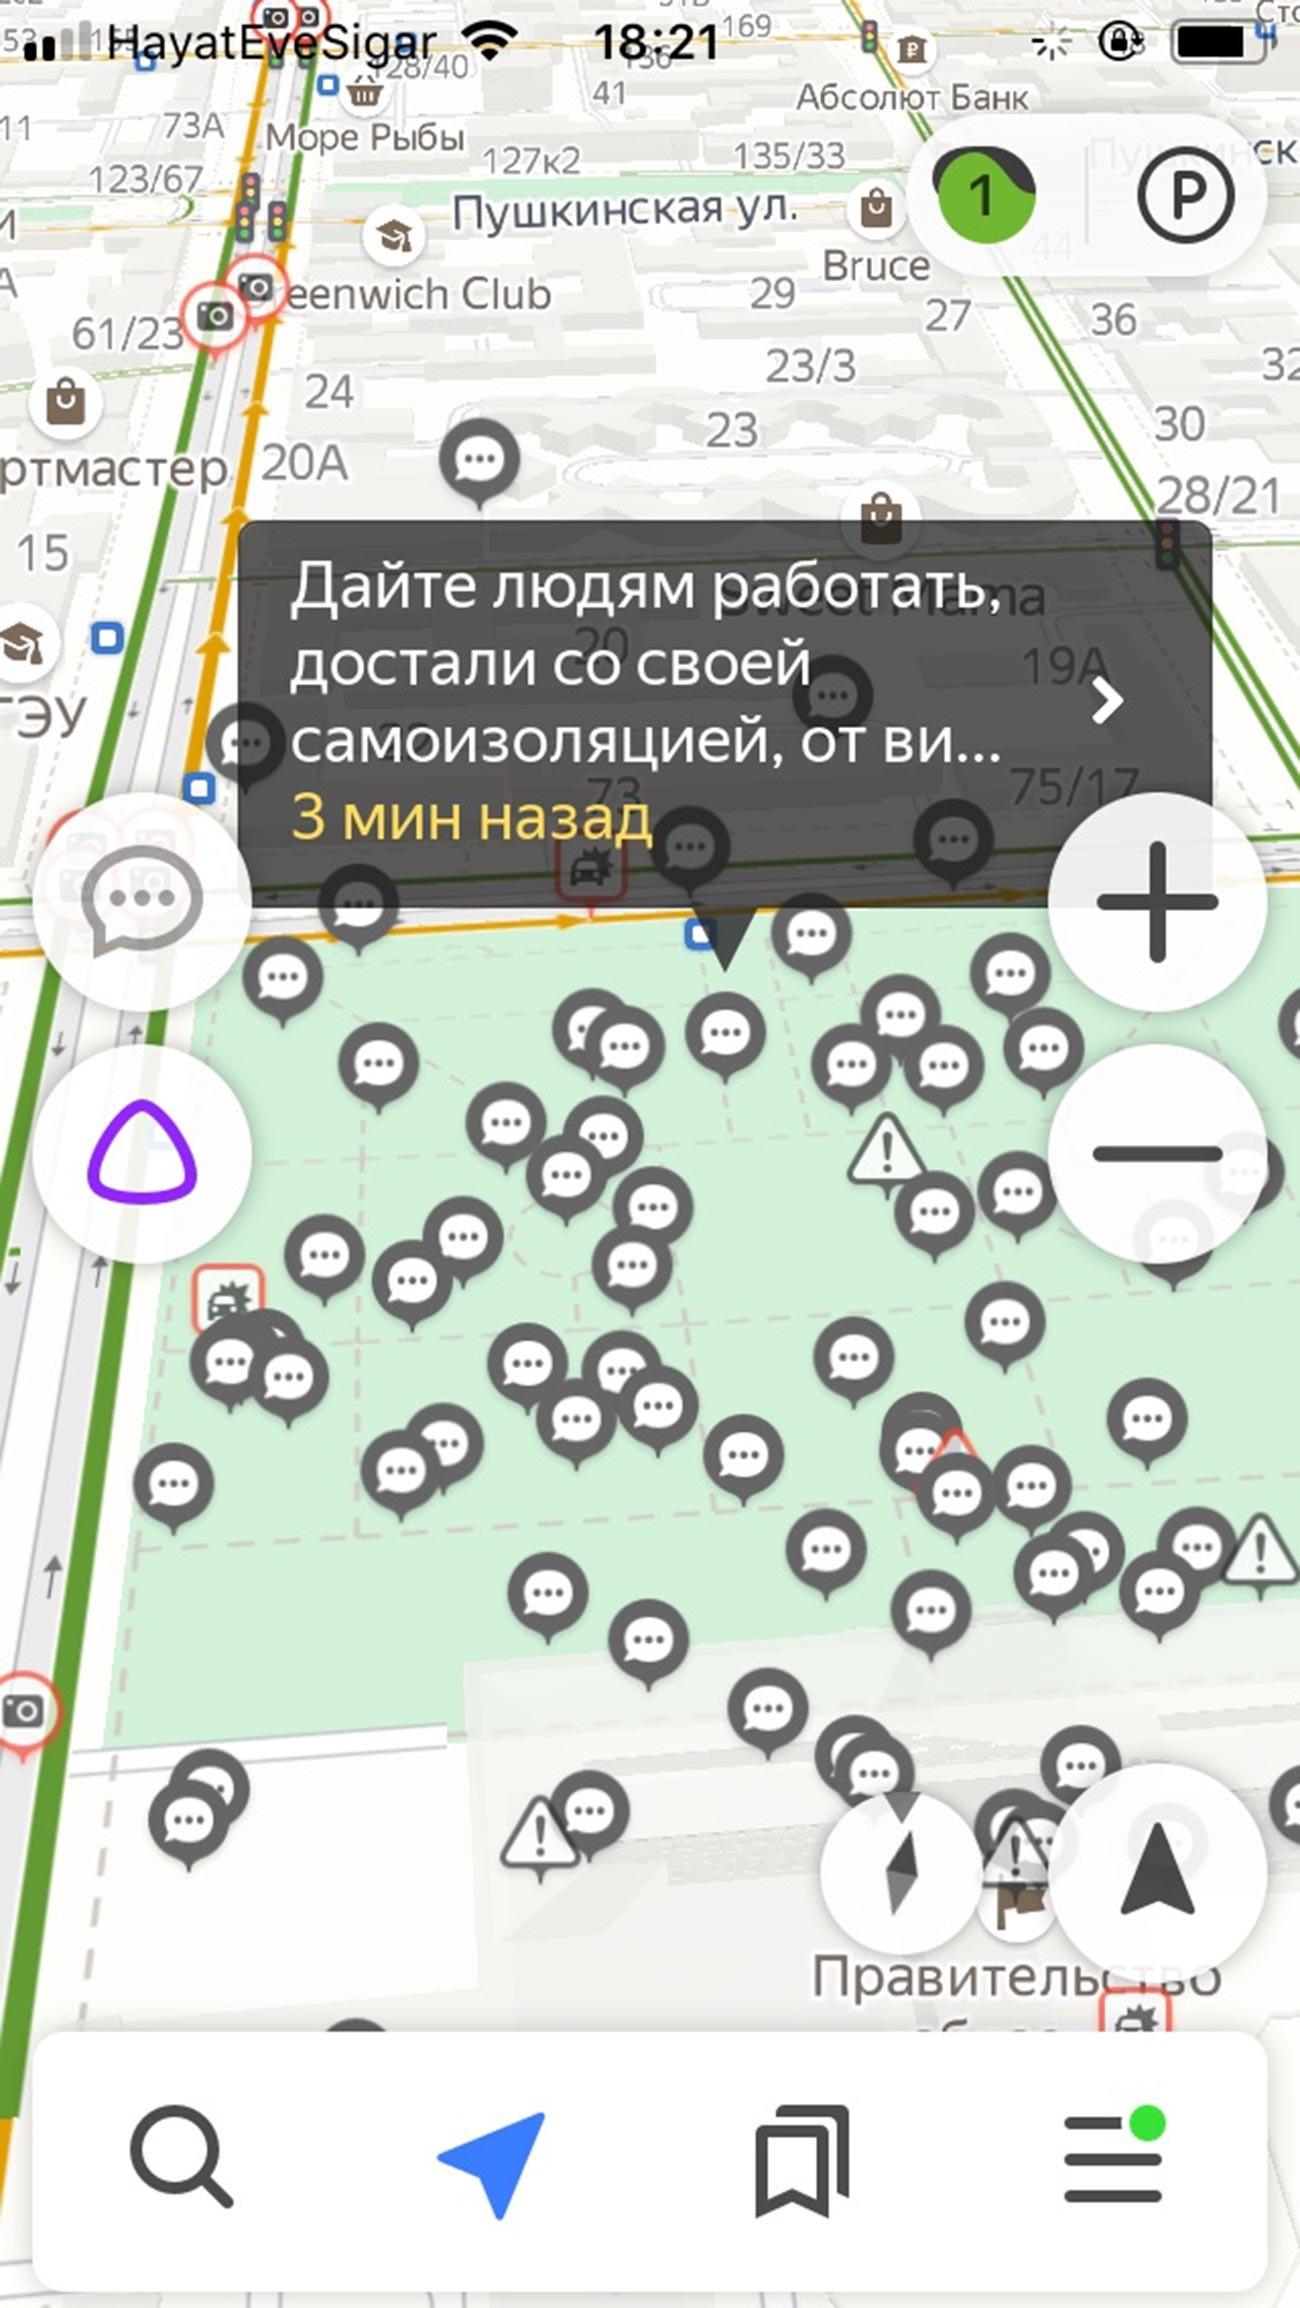 Comentário no mapa: